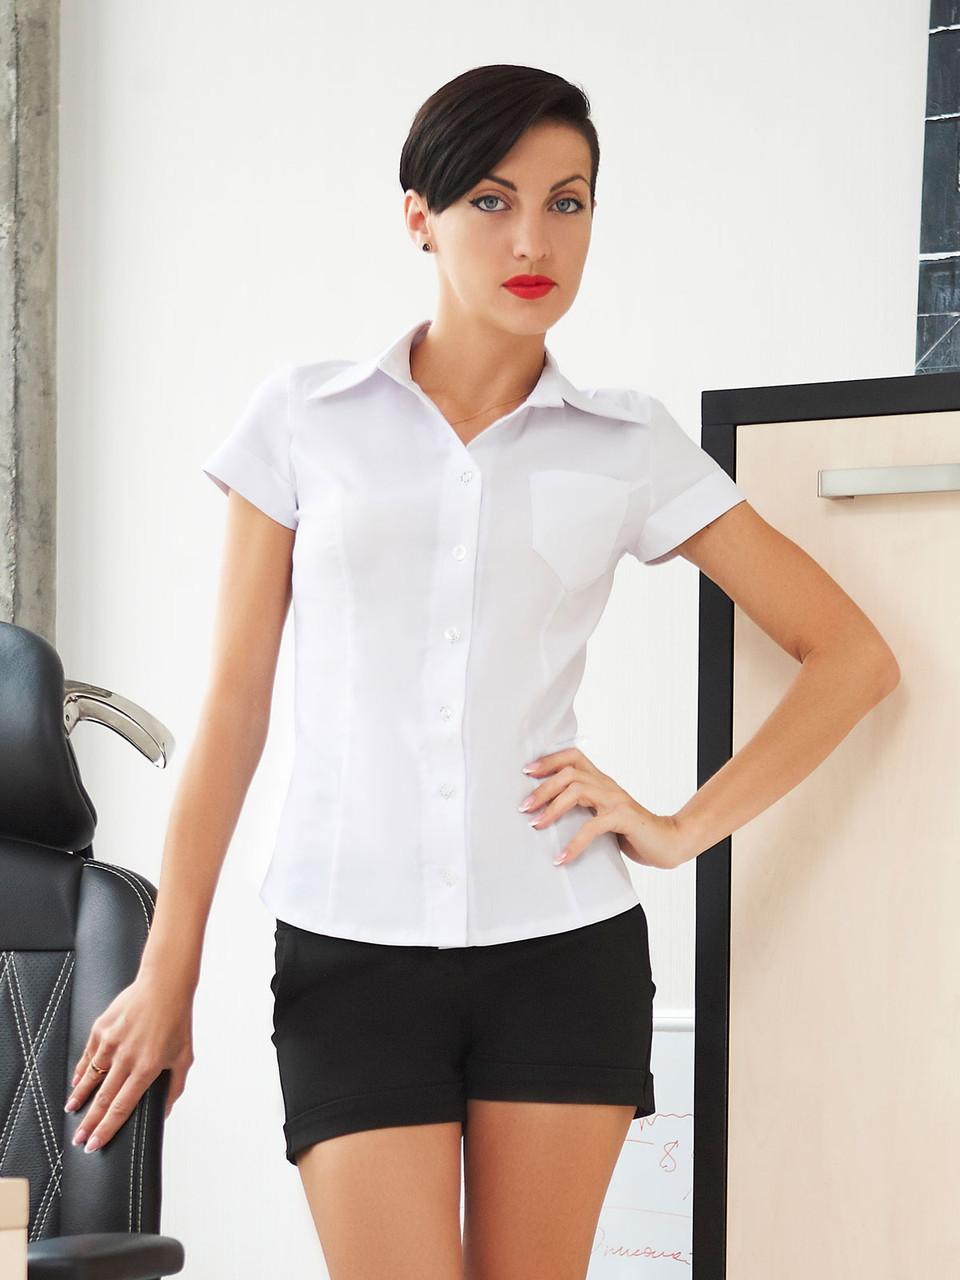 cda42b2bc4e Классическая приталенная белая женская рубашка с коротким рукавом -  Интернет-магазин